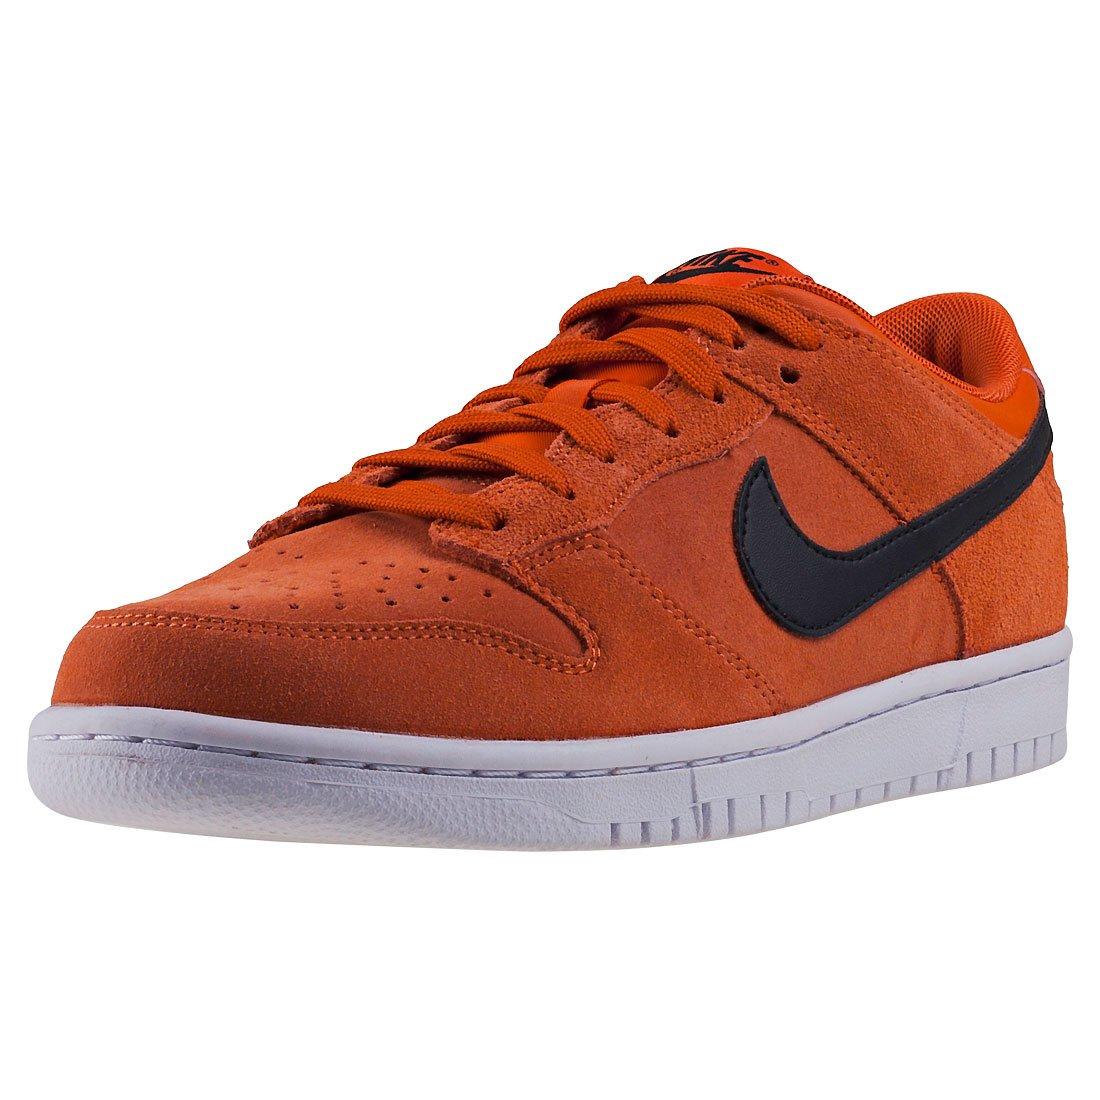 Nike Dunk Low, Herren Durchgängies Plateau Sandalen mit Keilabsatz